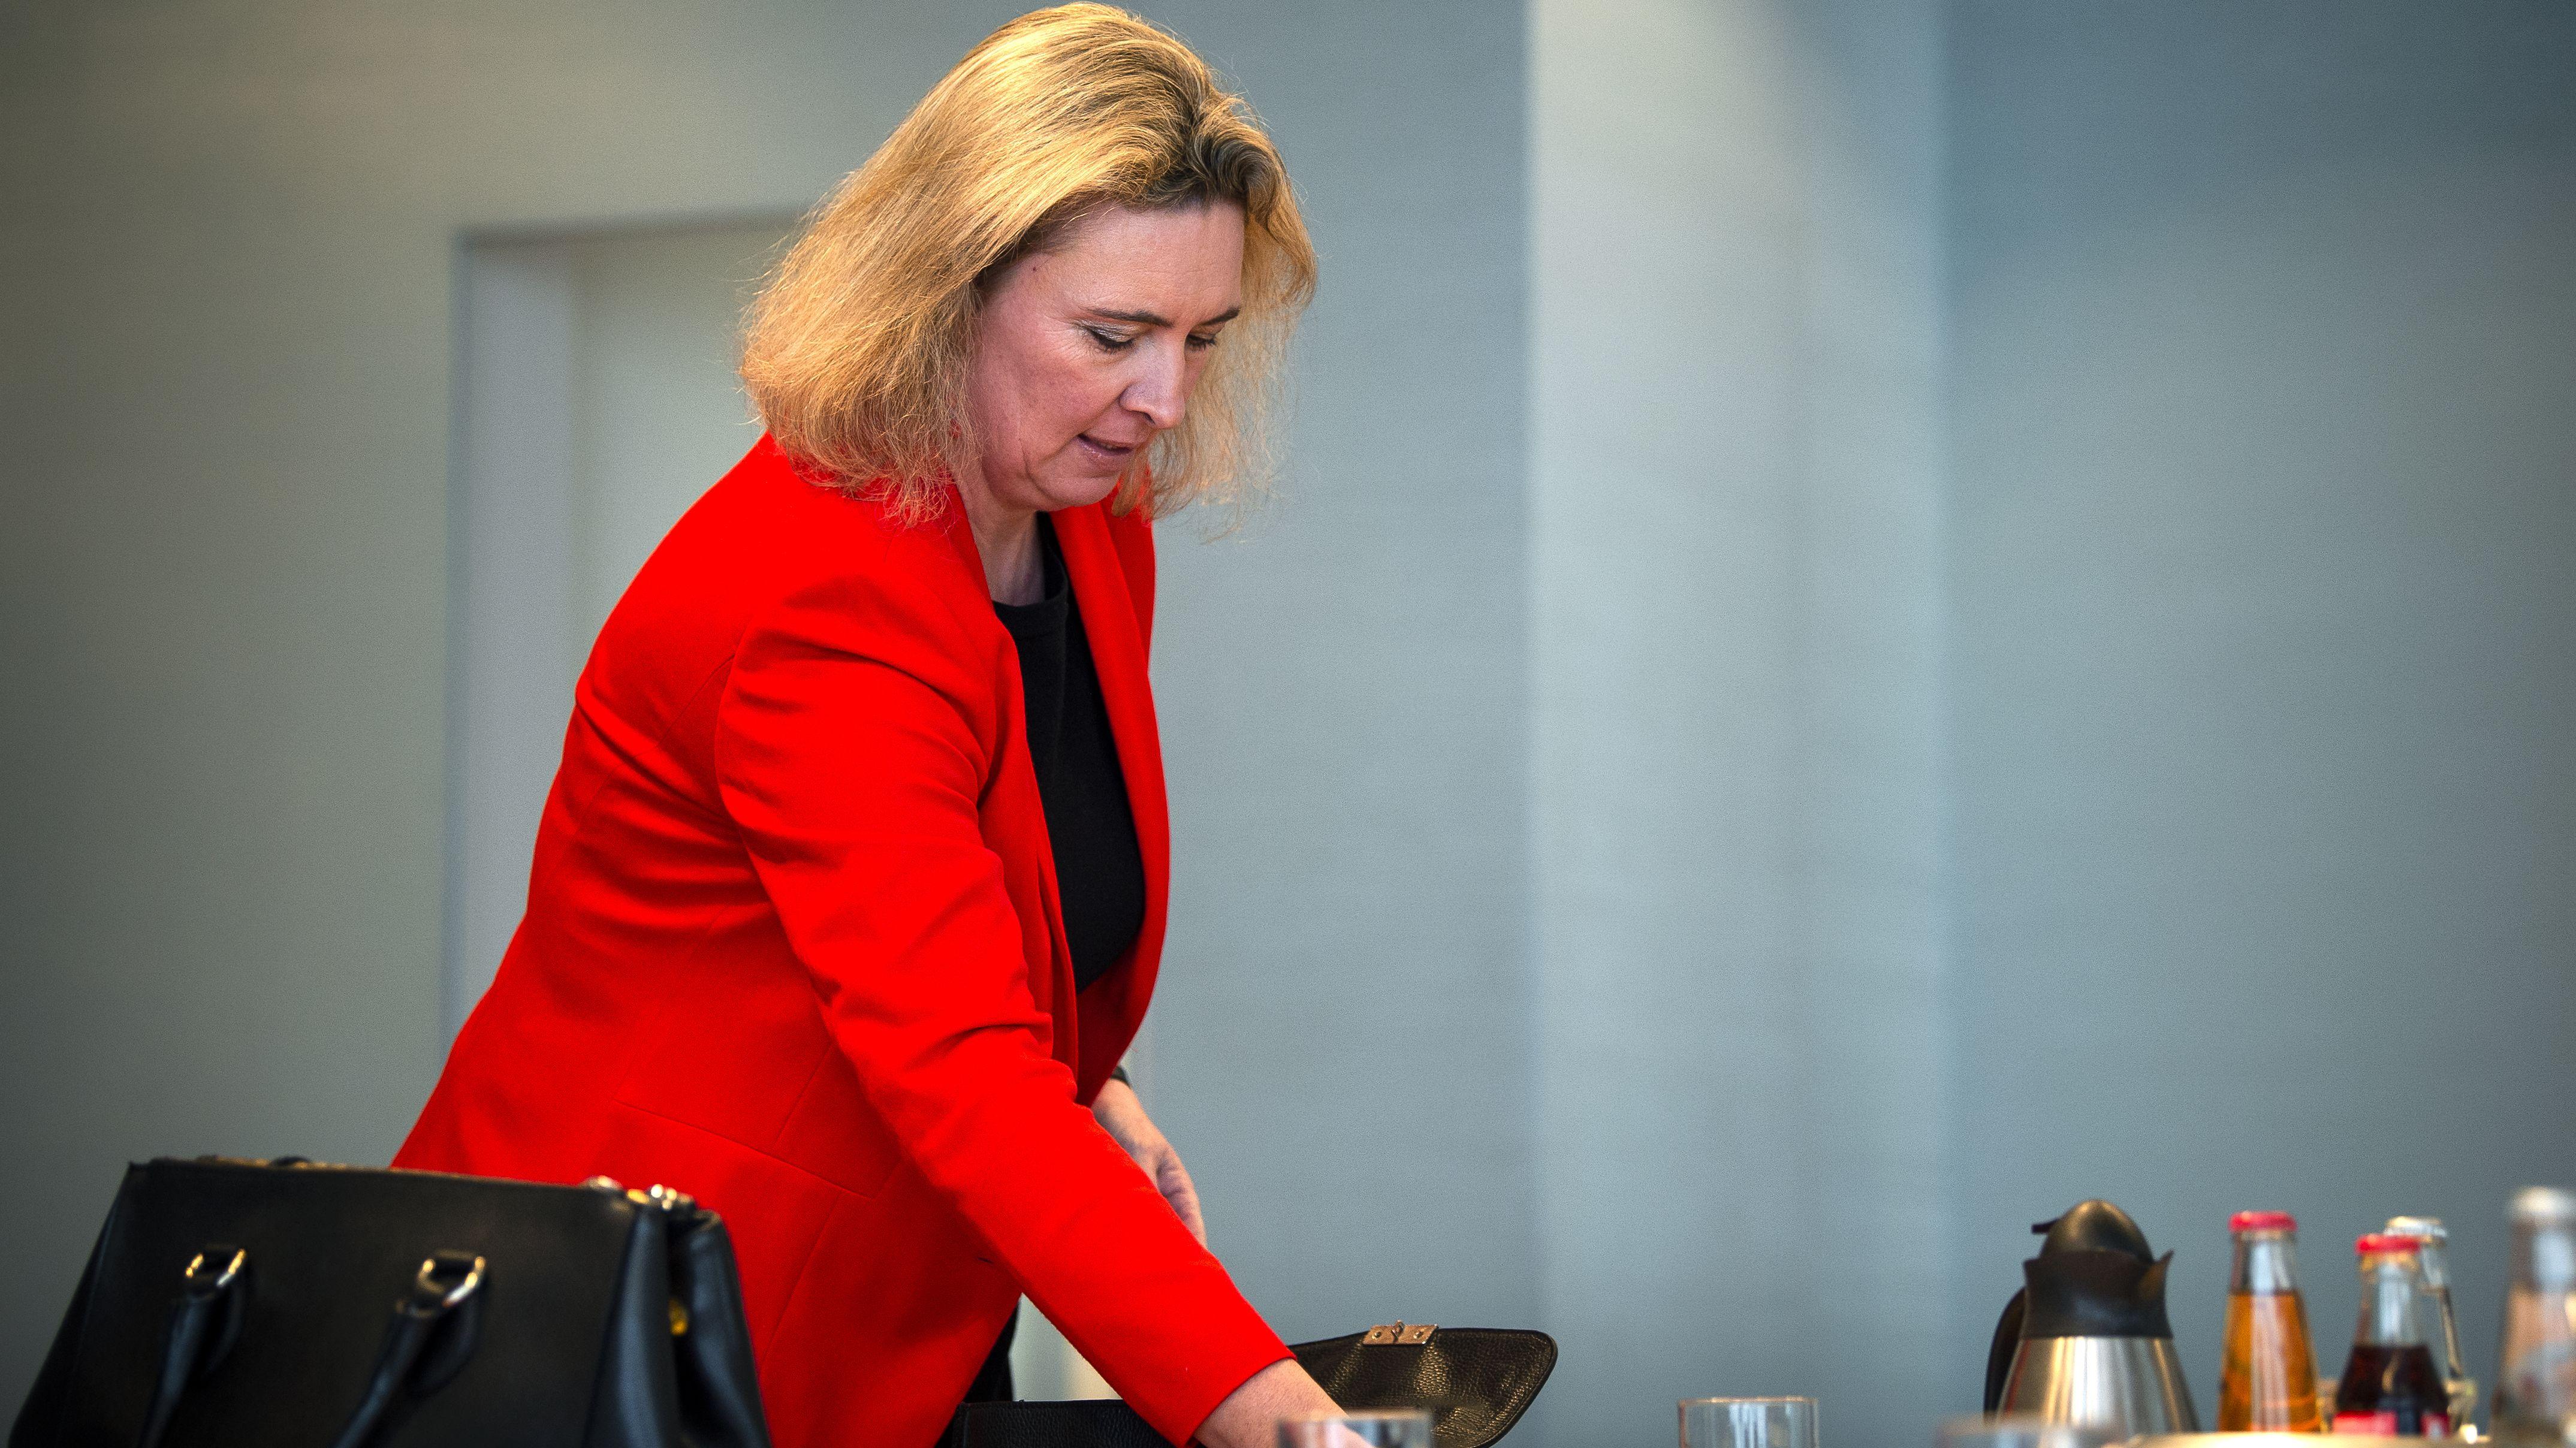 Die bayerische Sozialministerin Kerstin Schreyer (CSU) bei einer Sitzung des Kabinetts am 5. Februar 2019 in München